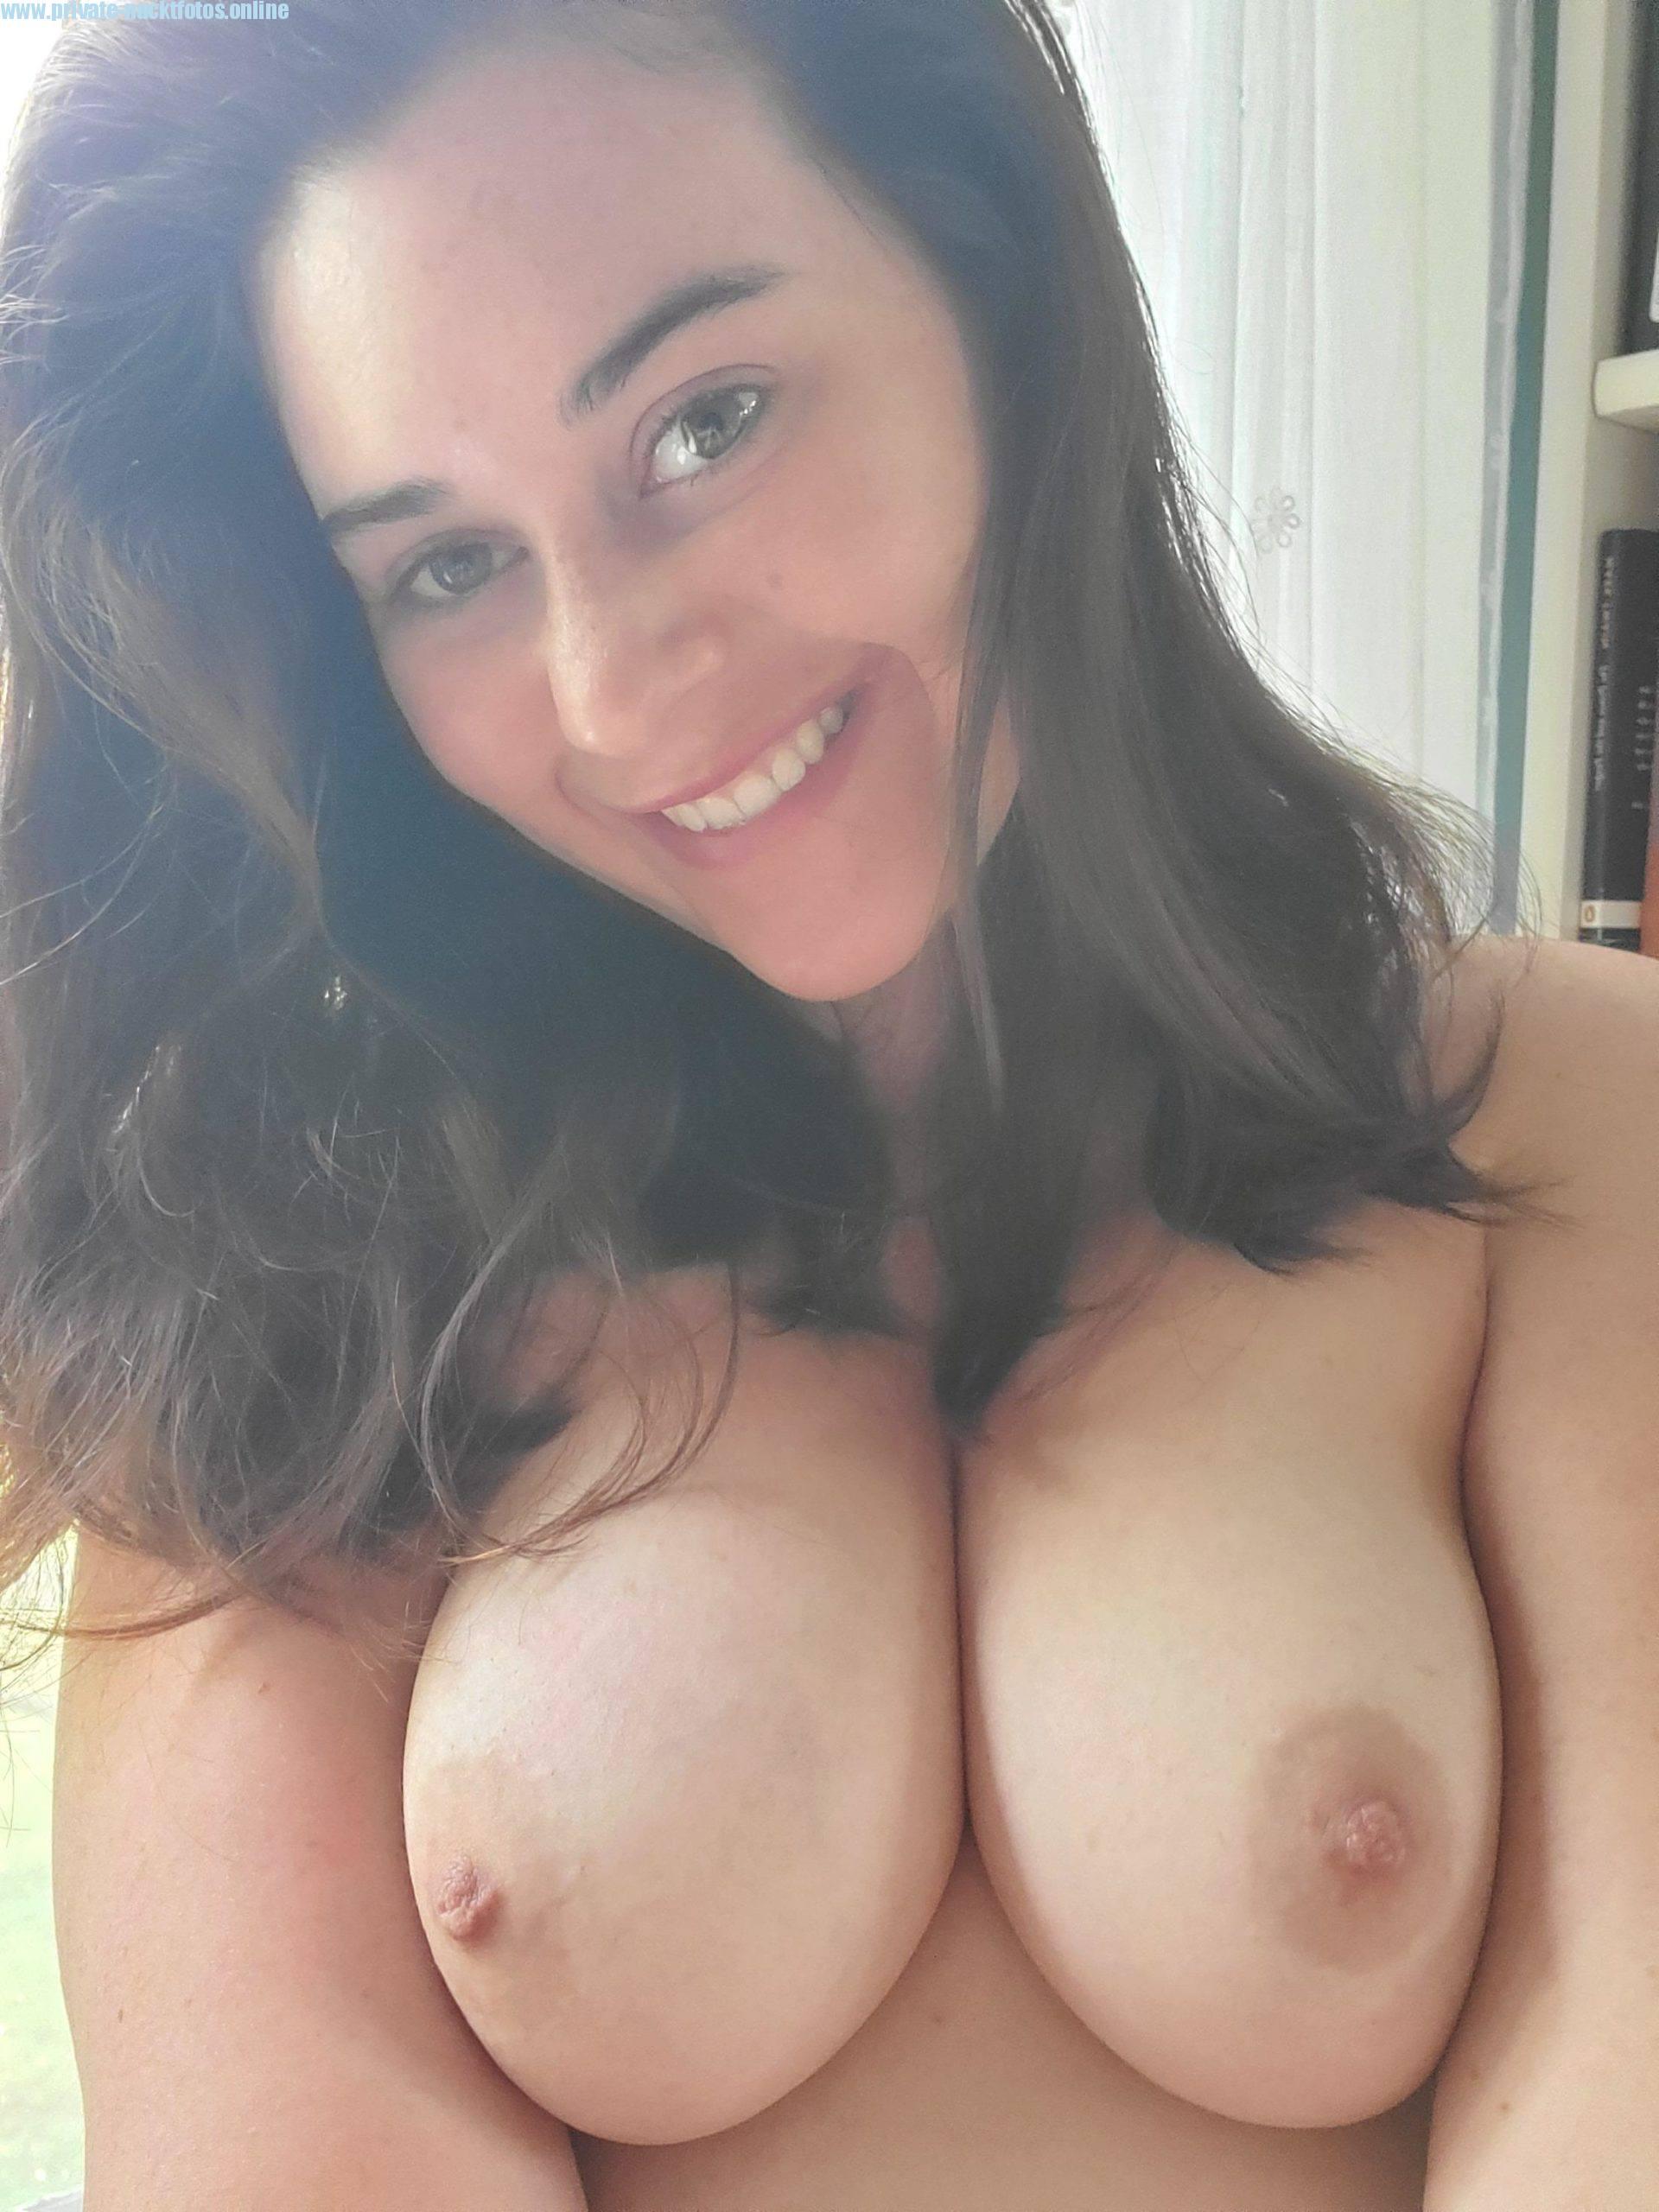 Sehr Pralle Schoene Titten Nacktfoto Privat